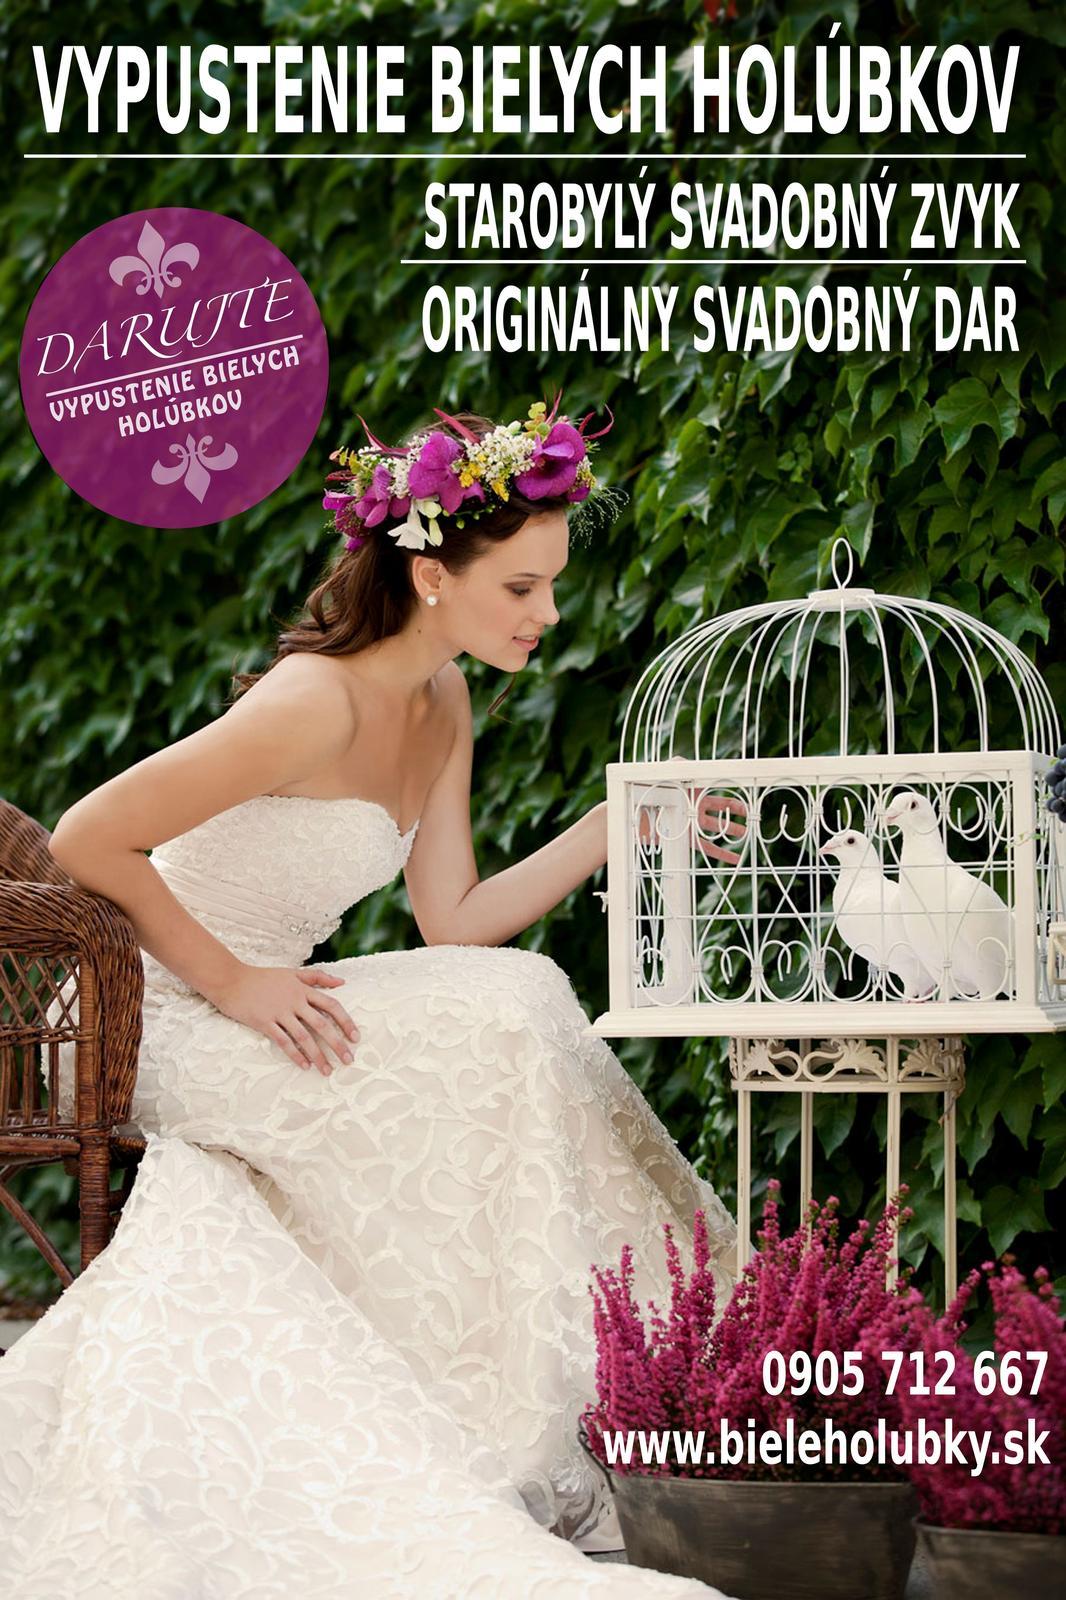 Svadobné holubice - Biele holubice na svadbu  - svadobny dar